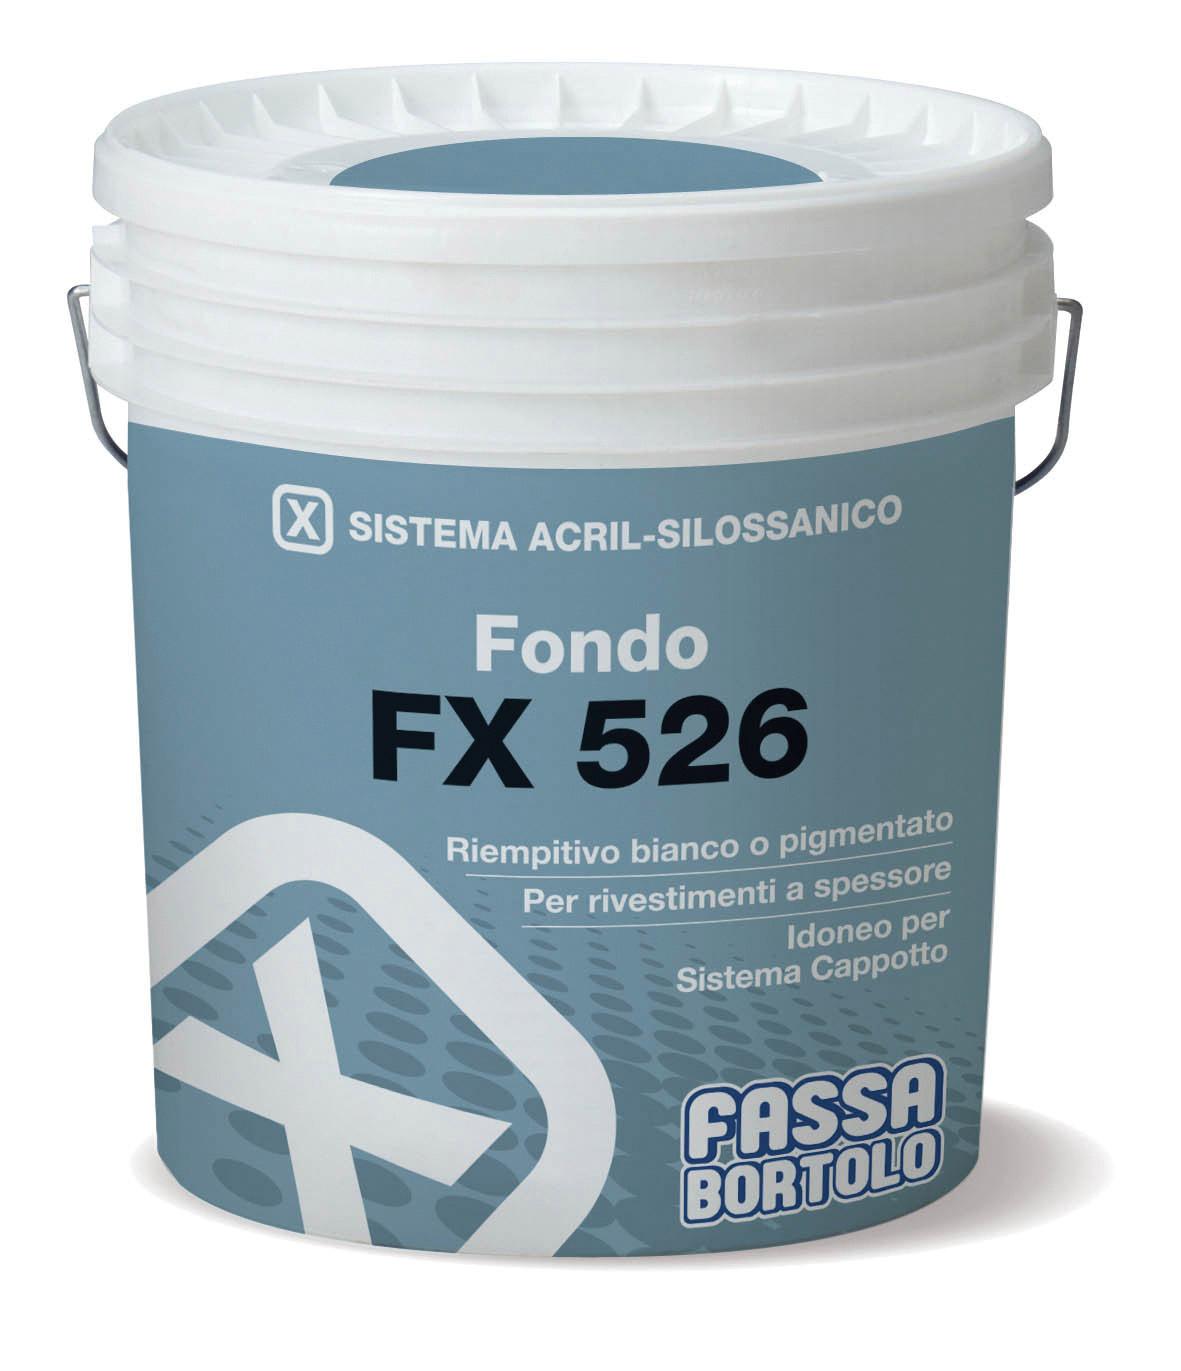 FX 526: Primário de fixação pigmentado universal